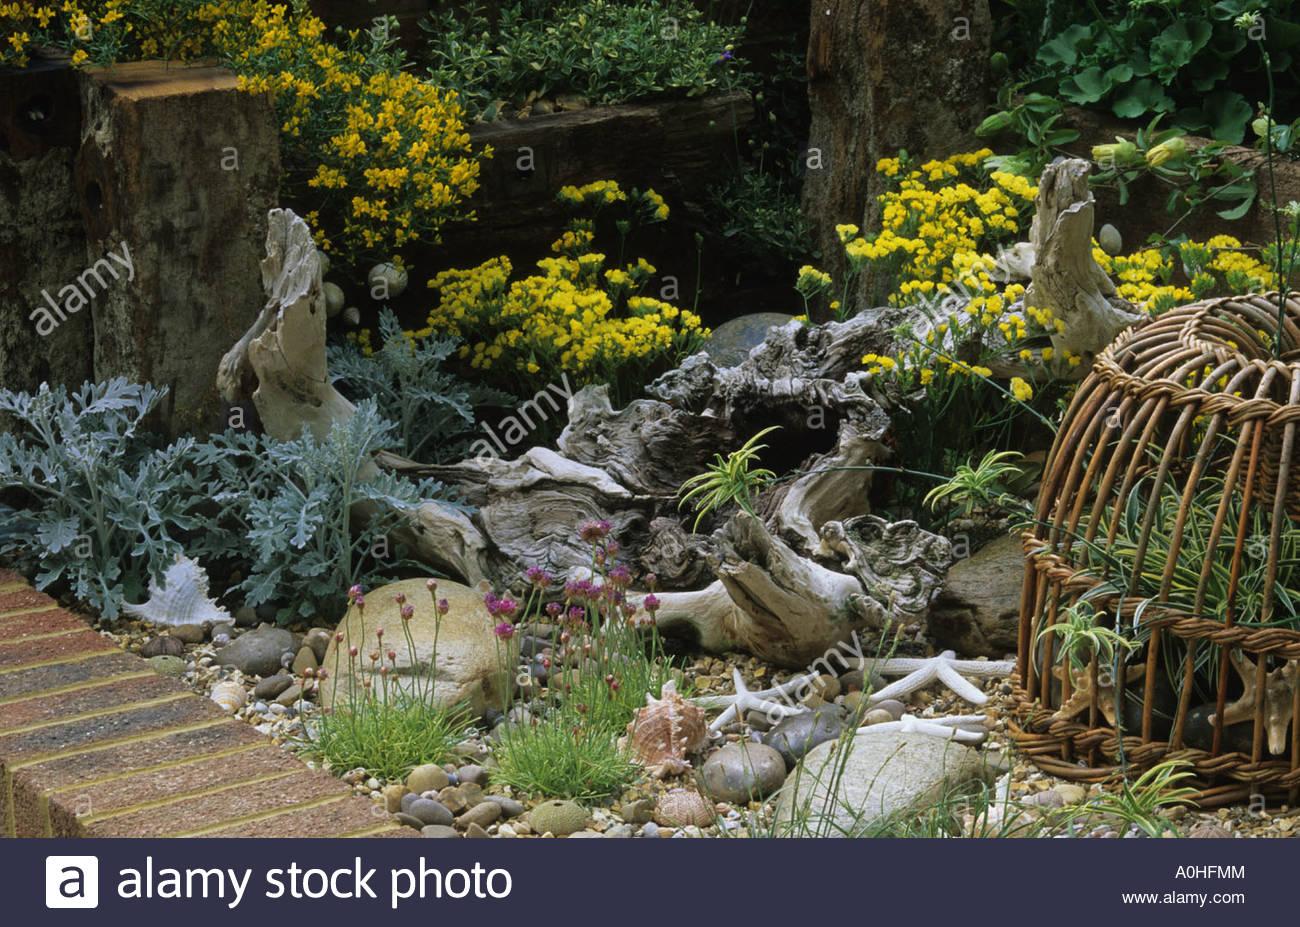 jardin de bord de mer de bois flott limonium sinuatum lavande forever gold galets pierres et de. Black Bedroom Furniture Sets. Home Design Ideas